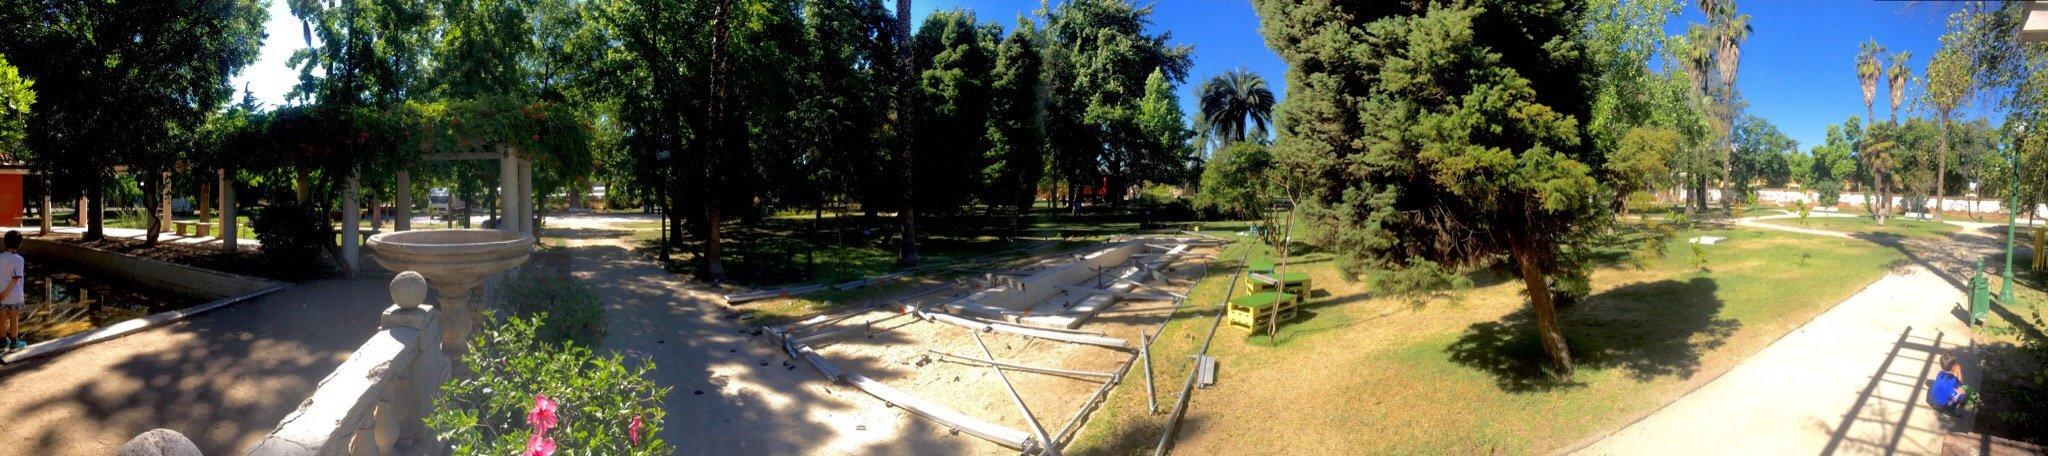 Parque Garcia de la Huerta